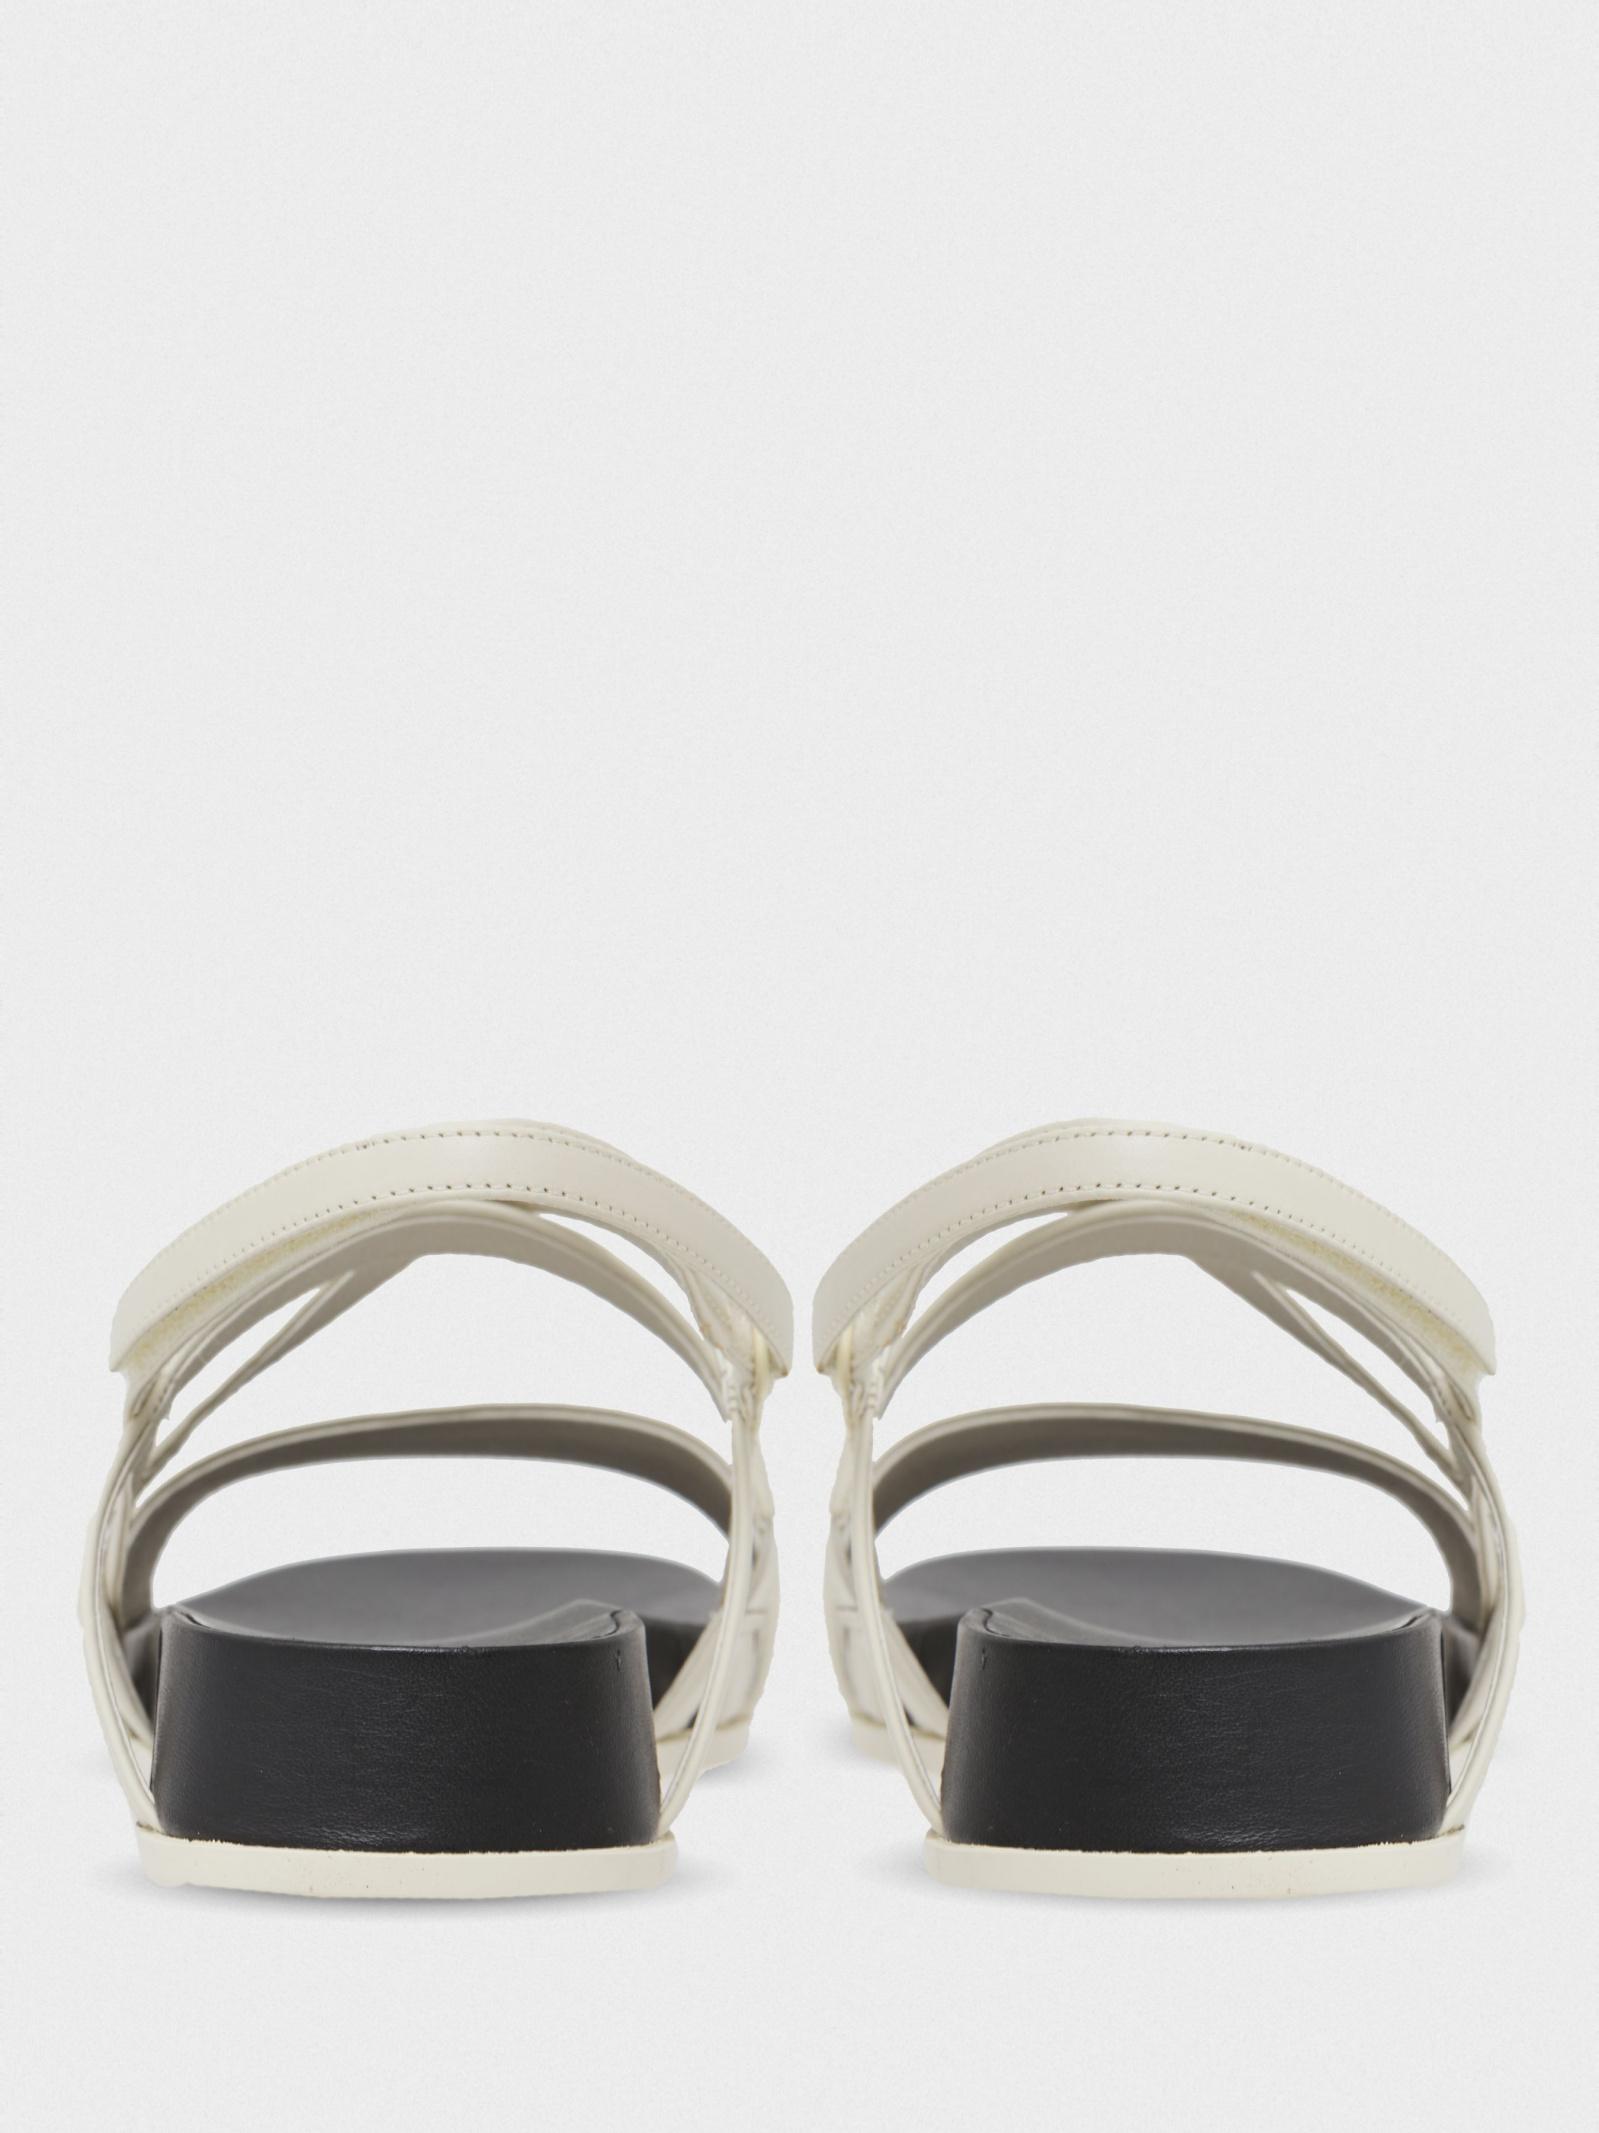 Сандалии для женщин Camper Atonika AW1079 купить обувь, 2017